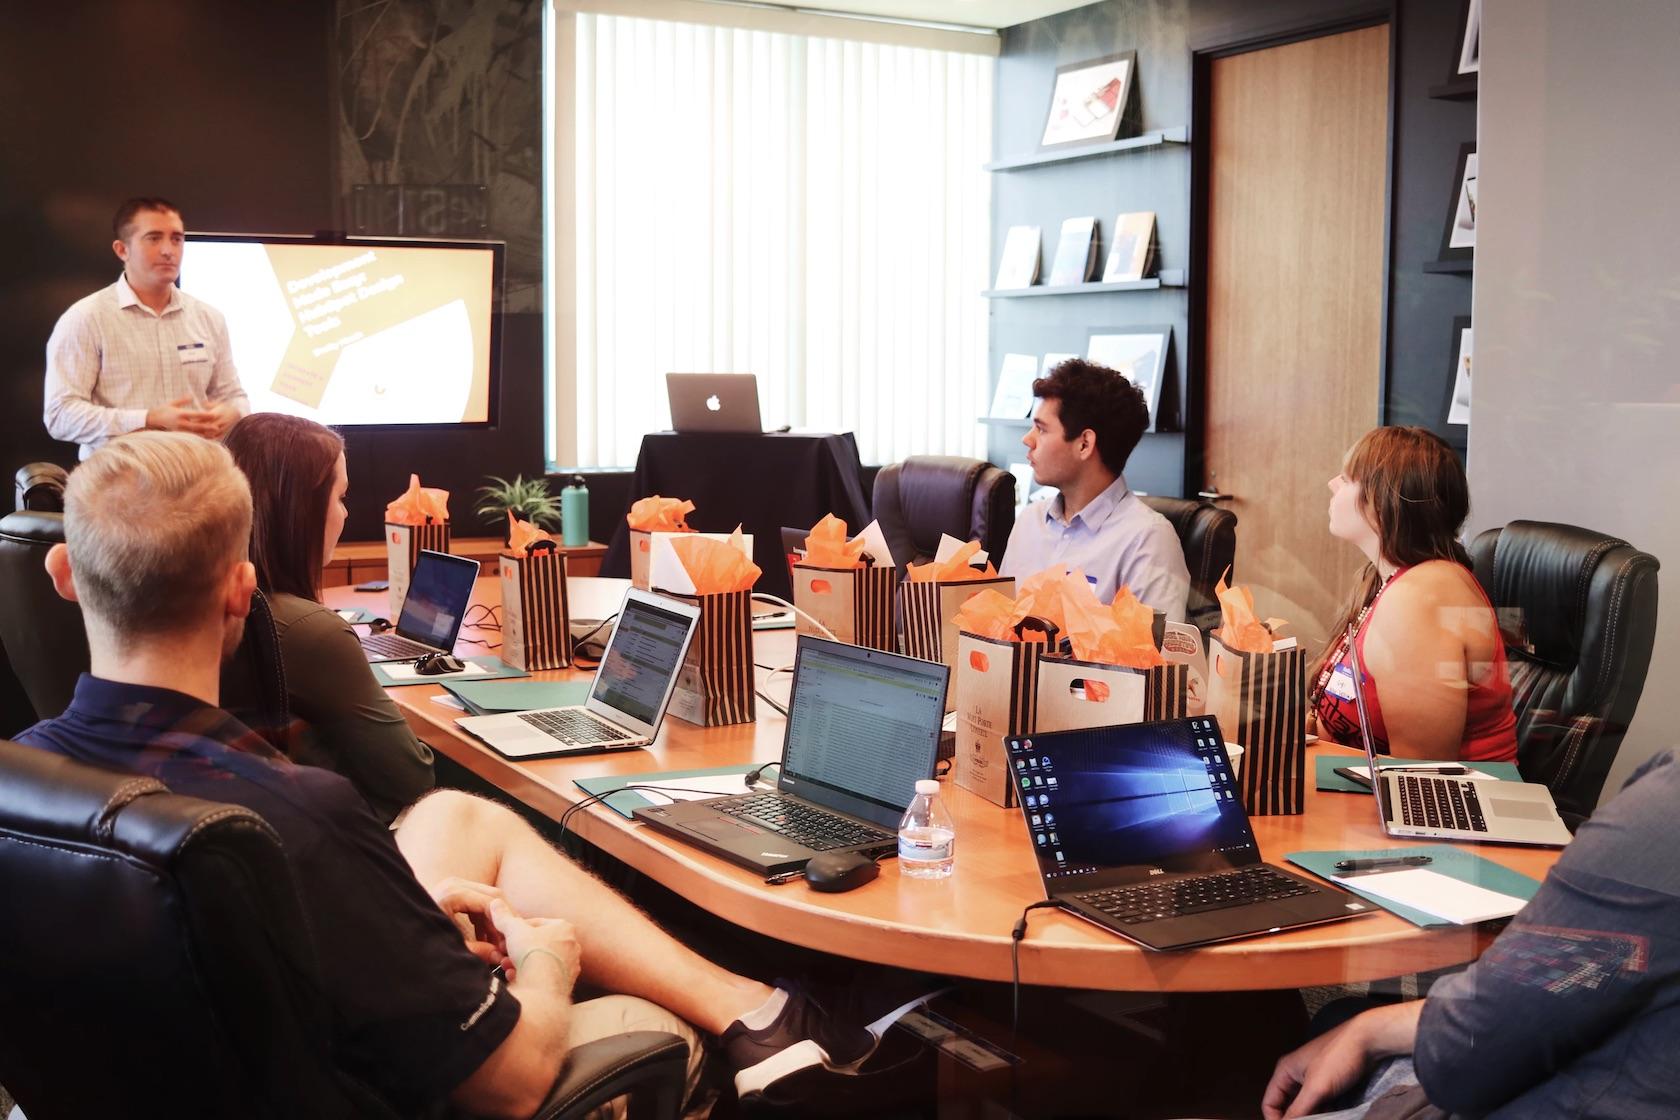 Participant recruitment strategies: Skip focus groups.